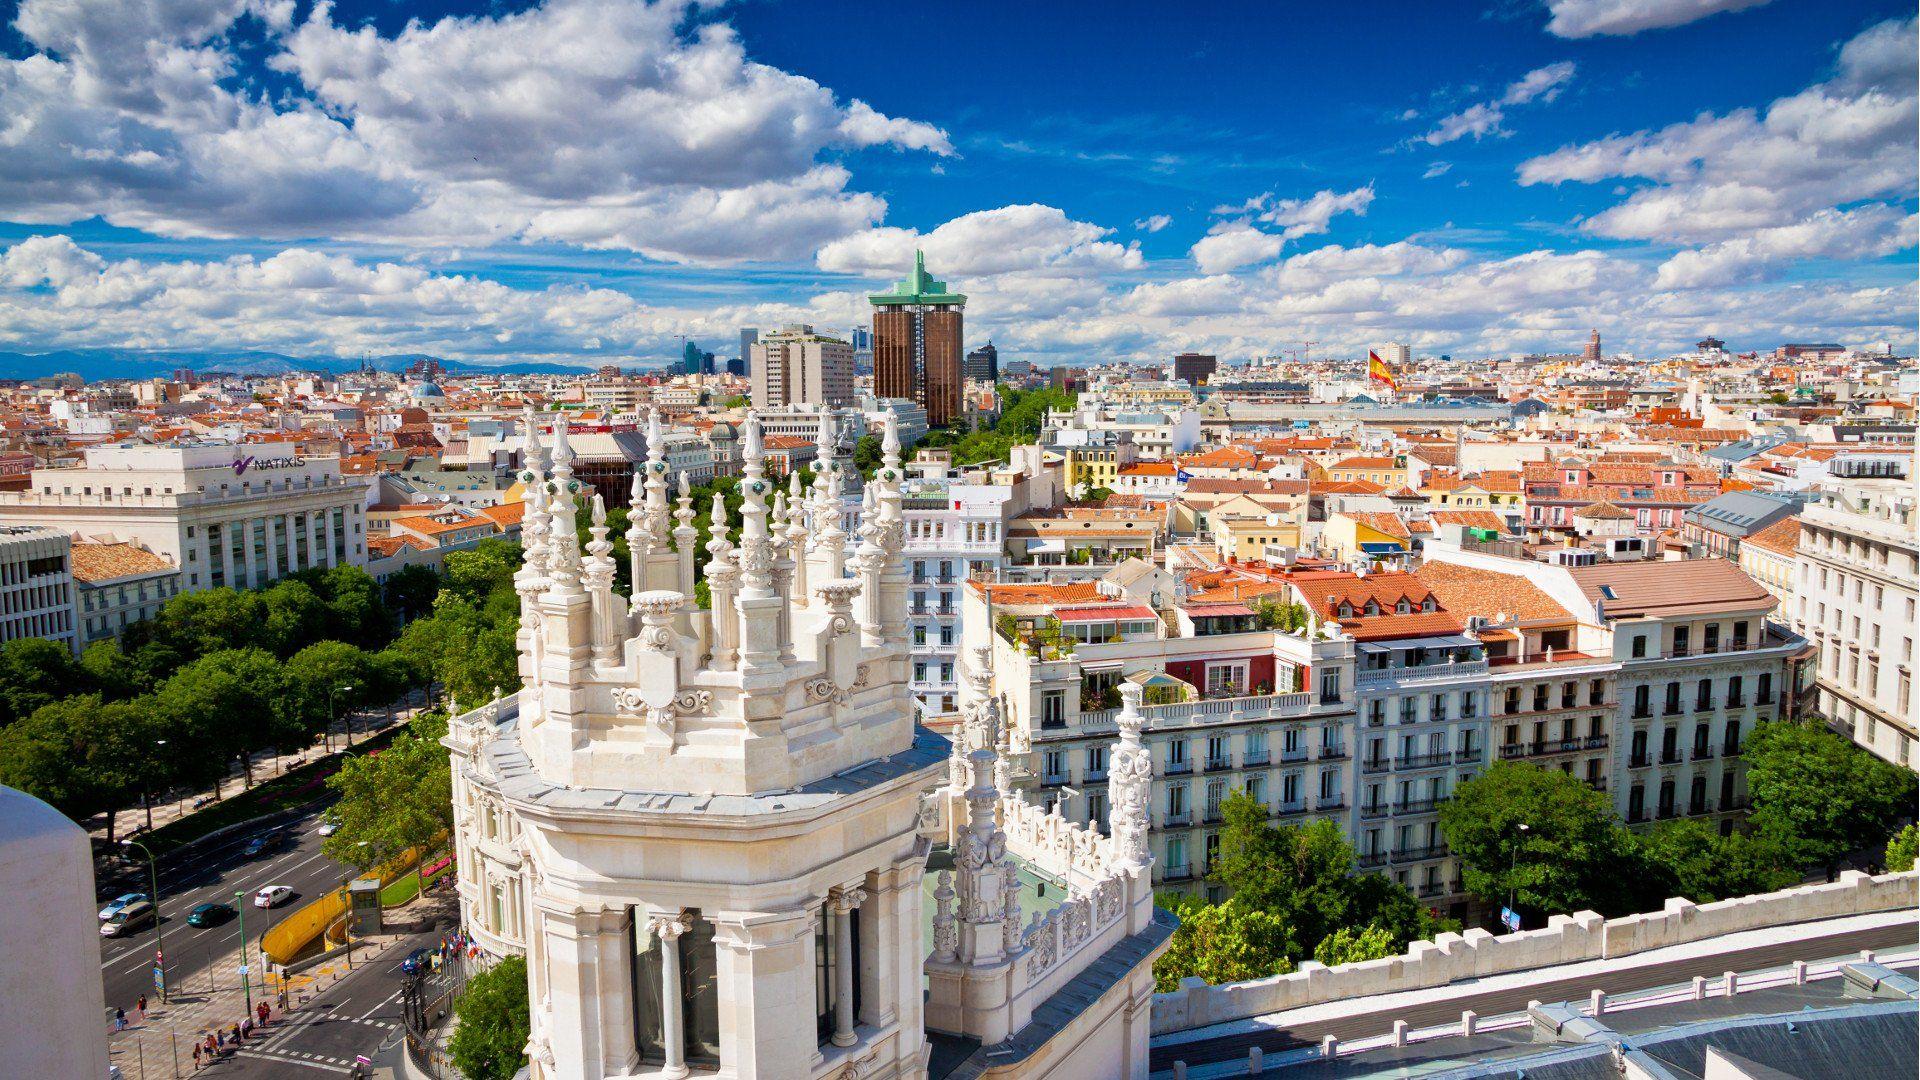 2. Ισπανία - Μαδρίτη